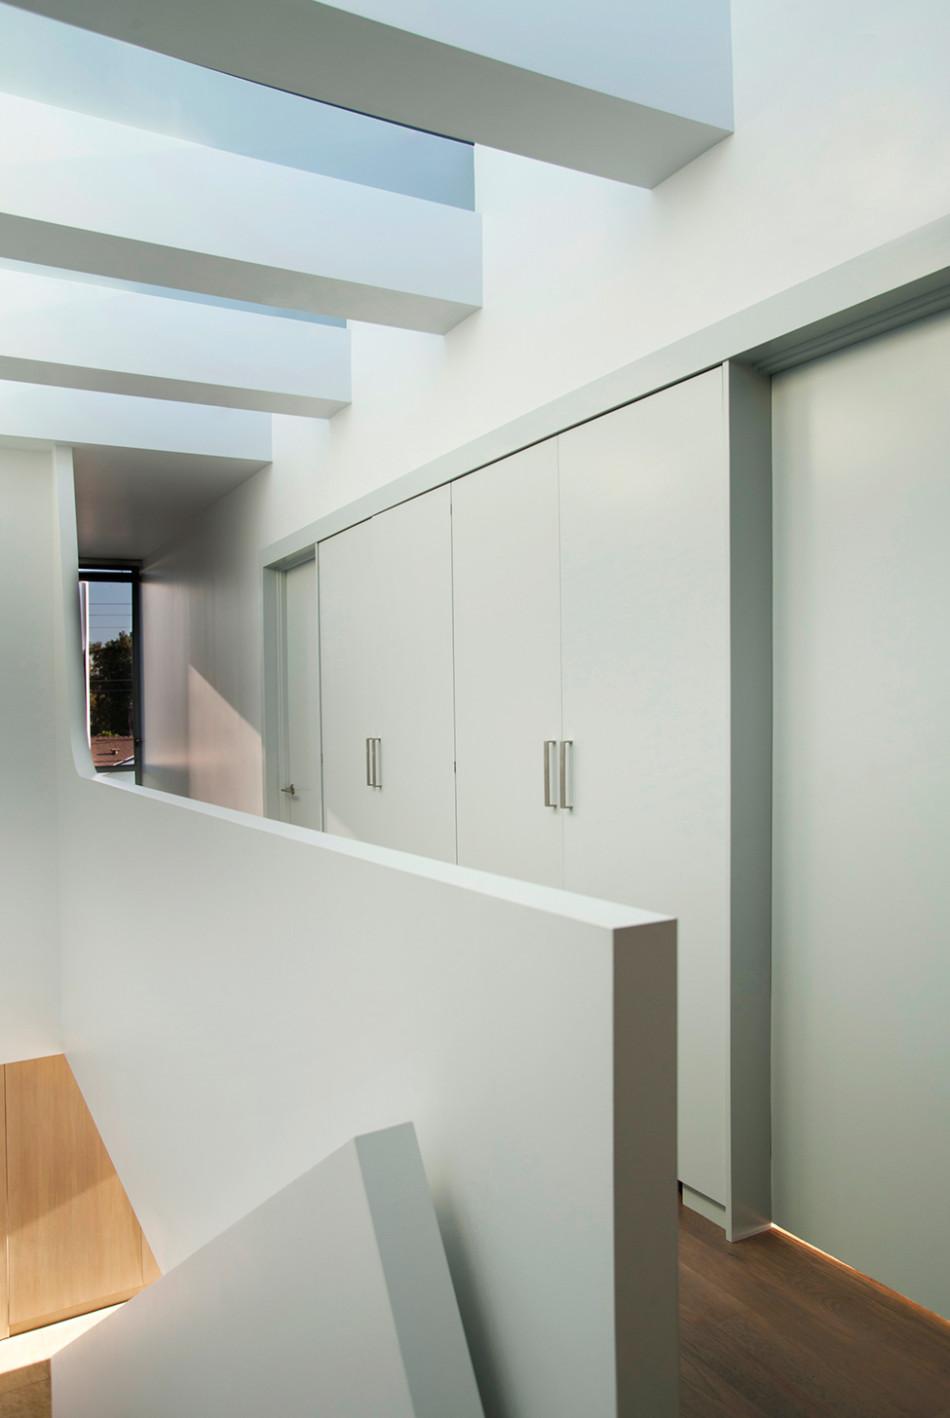 All White Interior Design Of The Homewares Designer Home: Contemporary Californian Residence Exudes Breezy